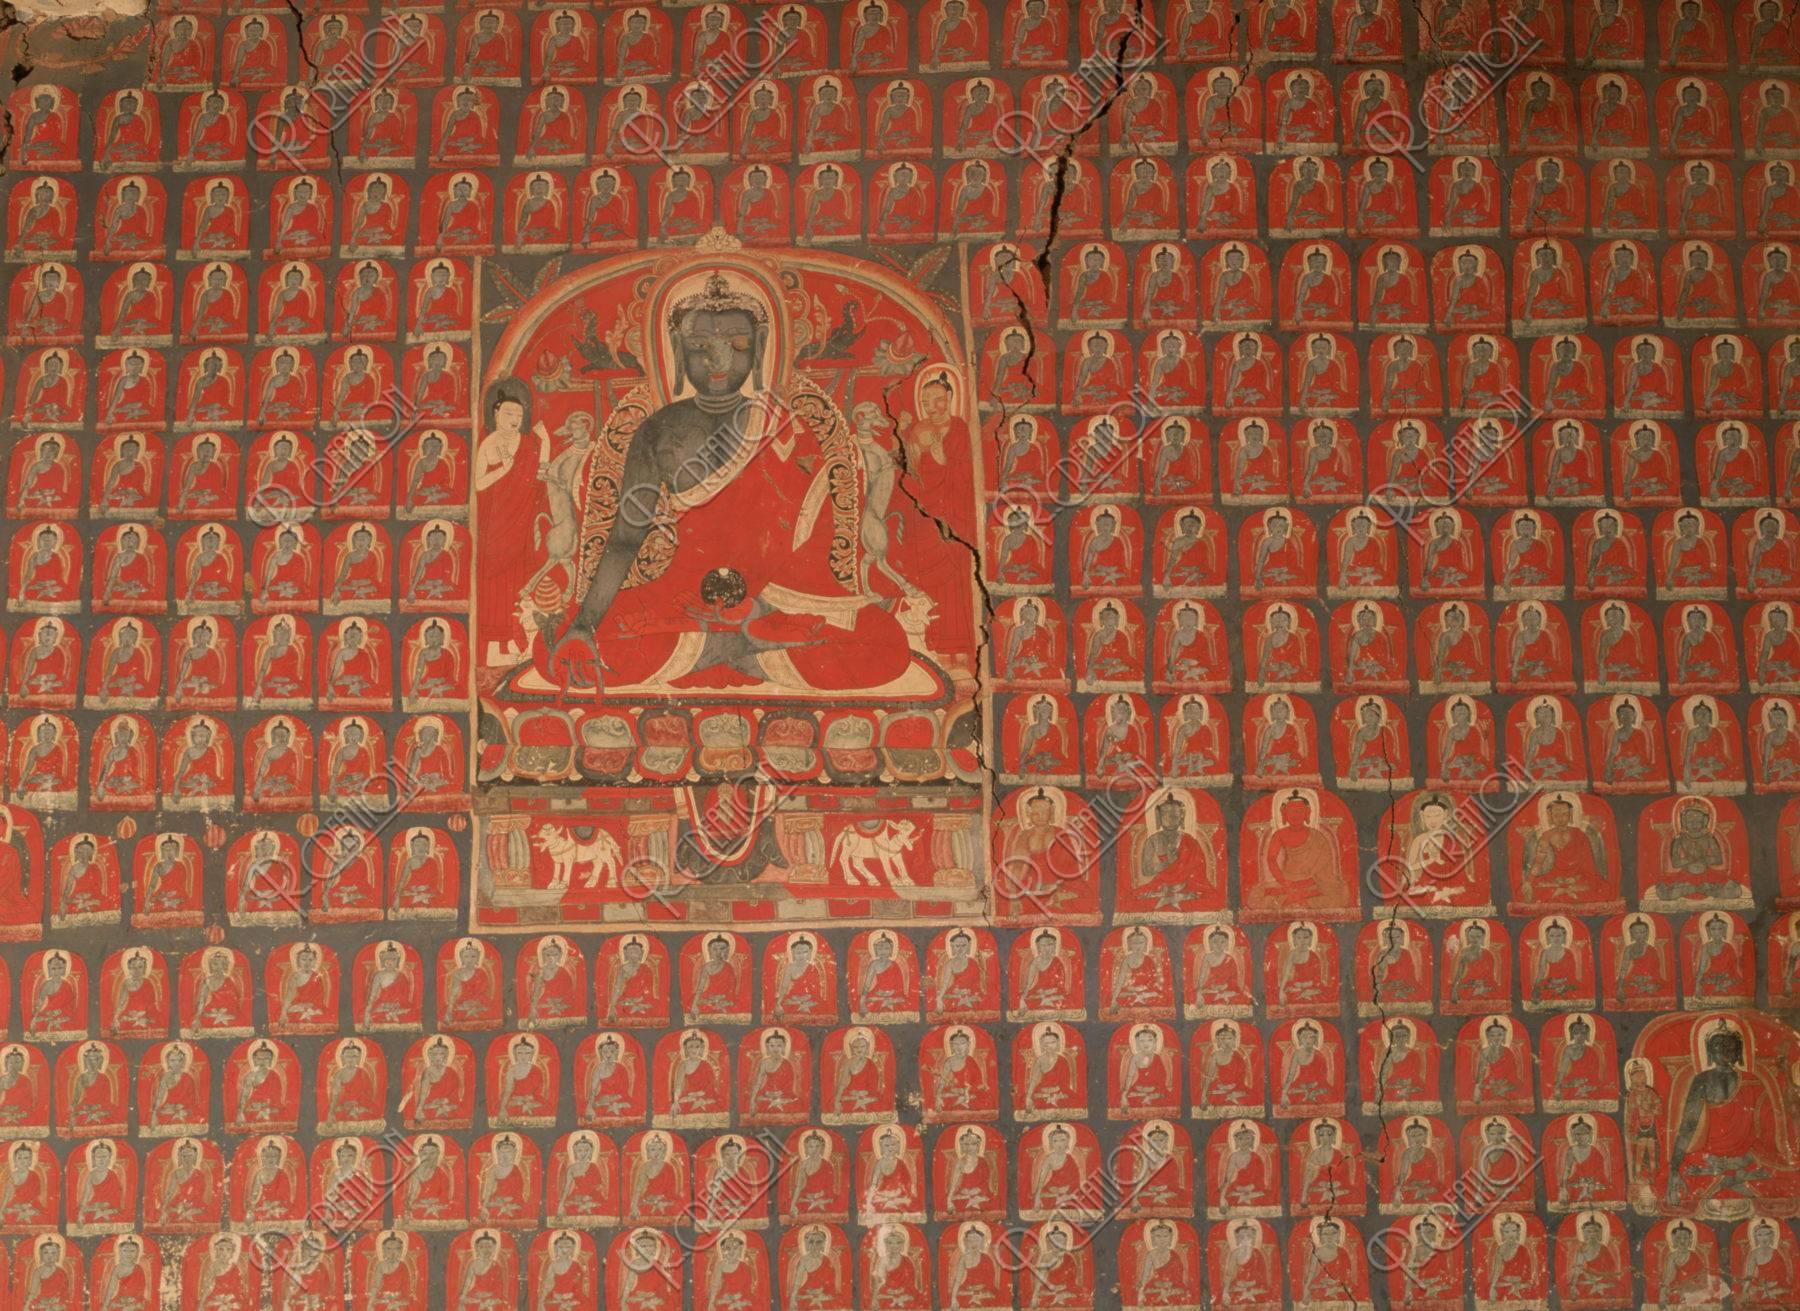 マンダラ アルチ僧院 ラダック インド